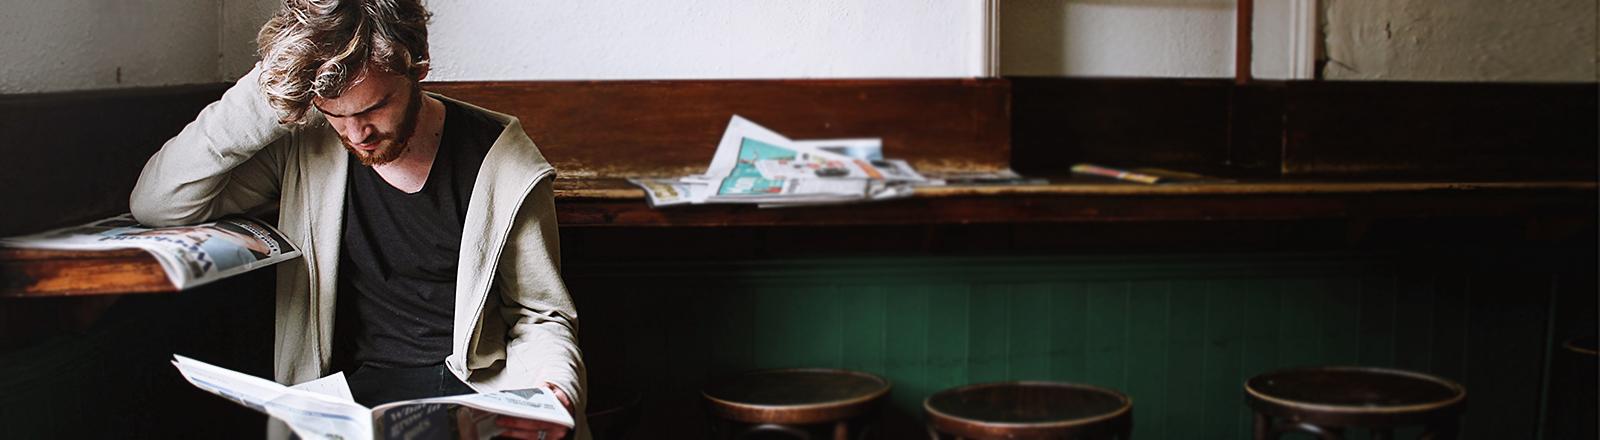 Ein junger Mann liest Zeitung und runzelt die Stirn